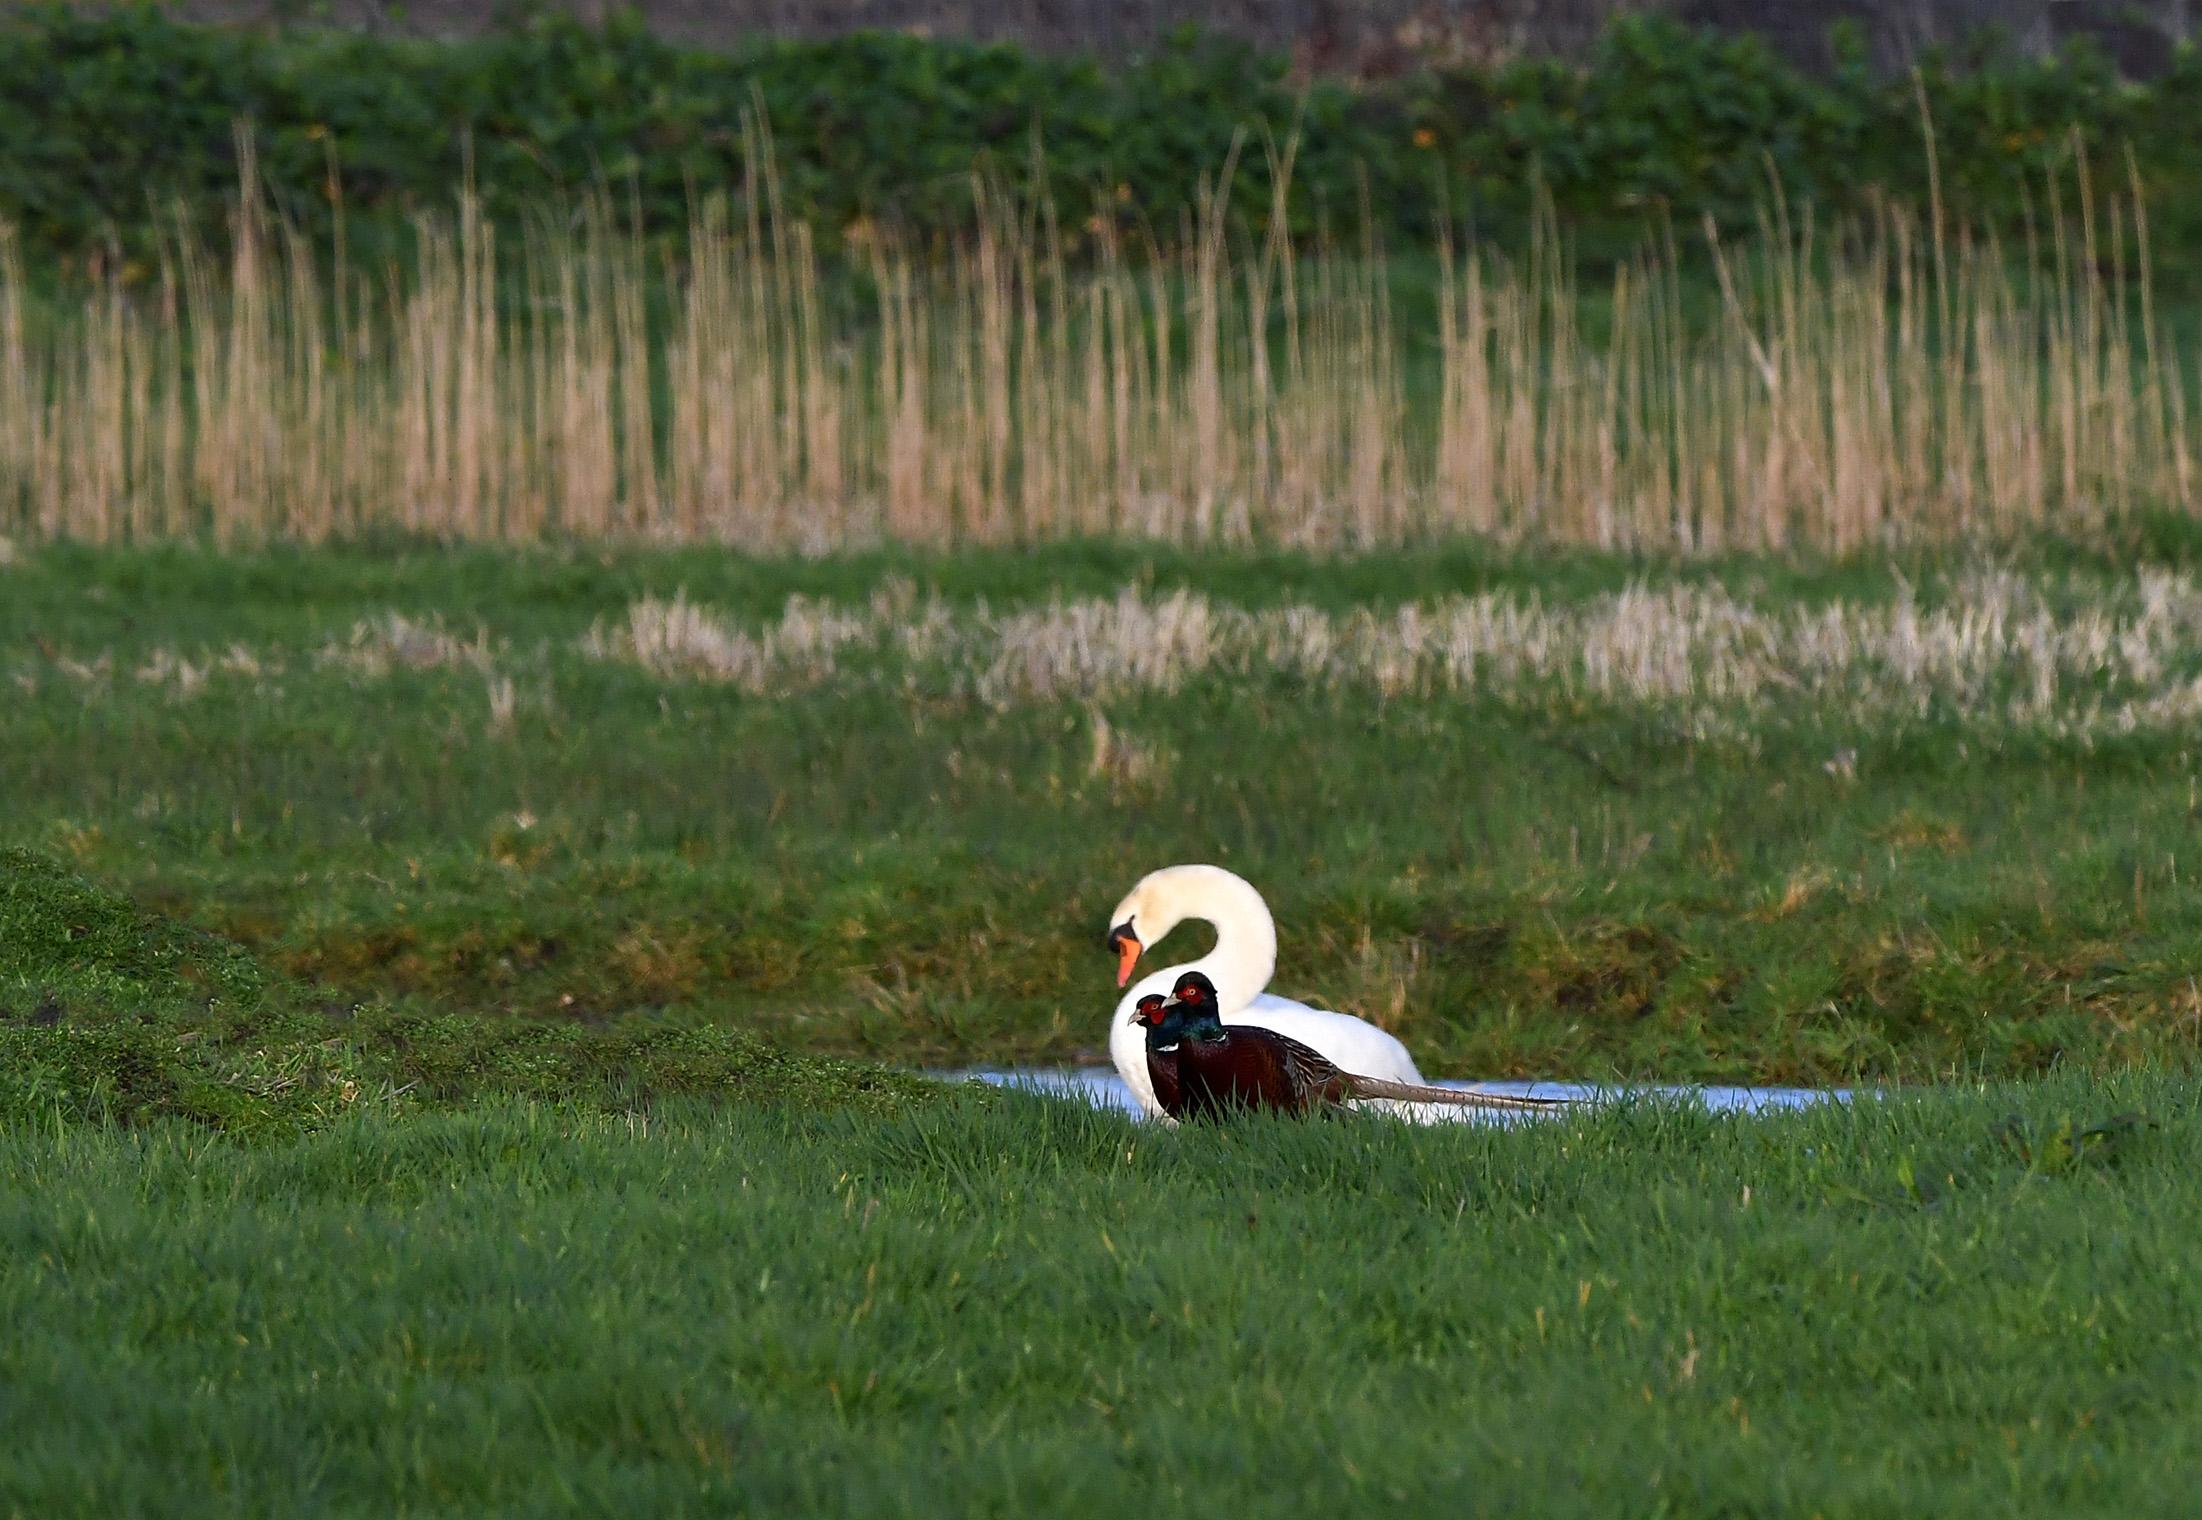 Vanmiddag in het veld, zit er een knobbelzwaan in een plas, komen er twee fazanten voorbij wandelen - Foto: ©Louis Fraanje